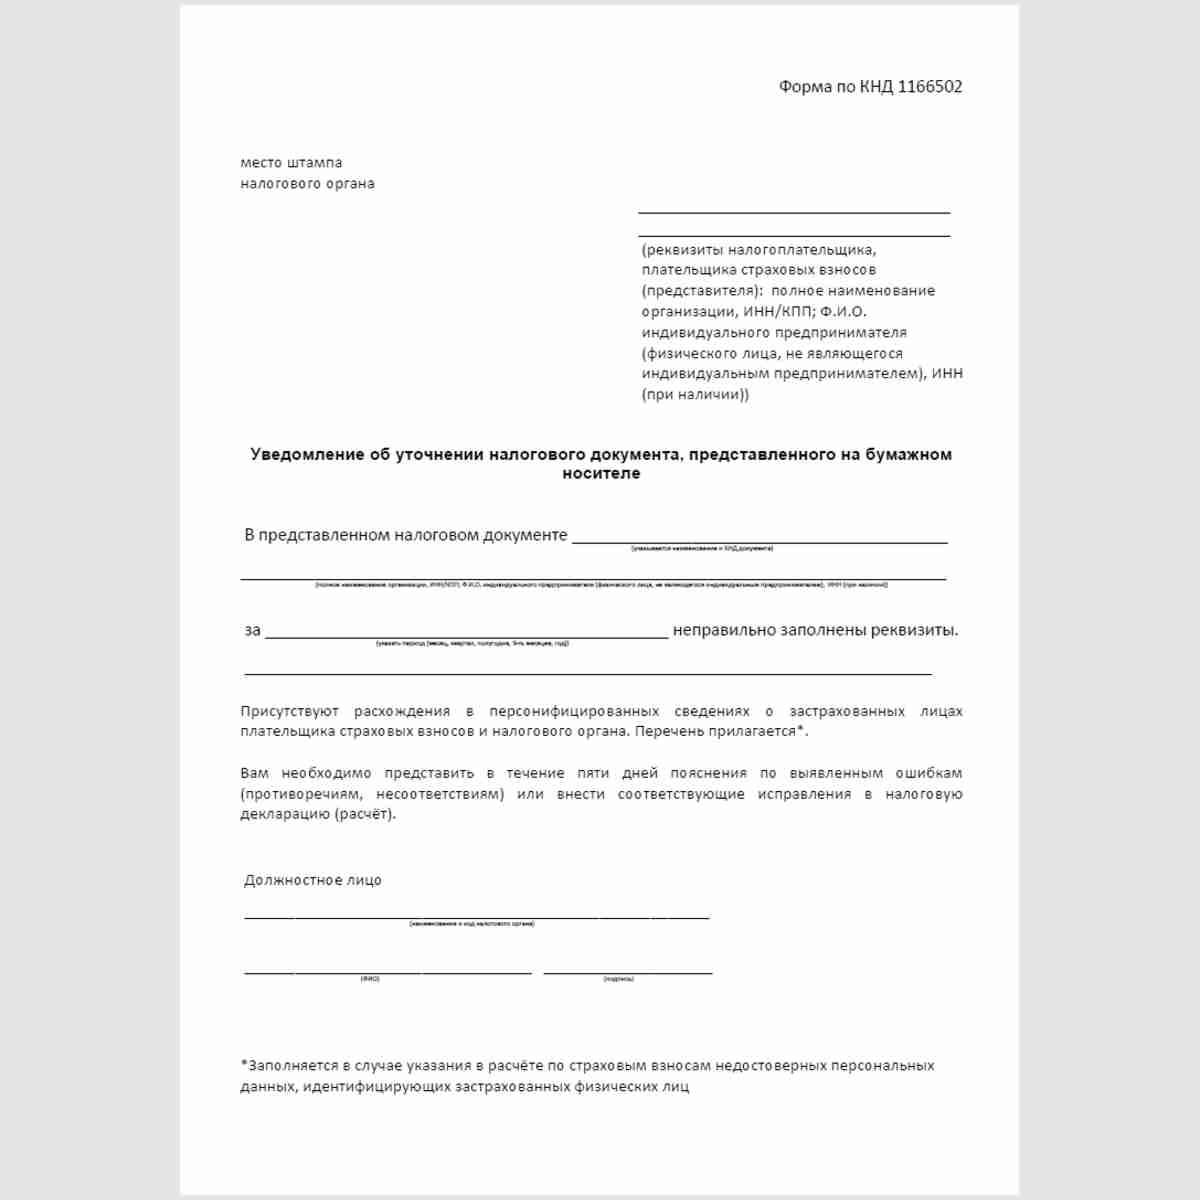 """Форма КНД 1166502 """"Уведомление об уточнении налогового документа, представленного на бумажном носителе"""". Стр. 1"""